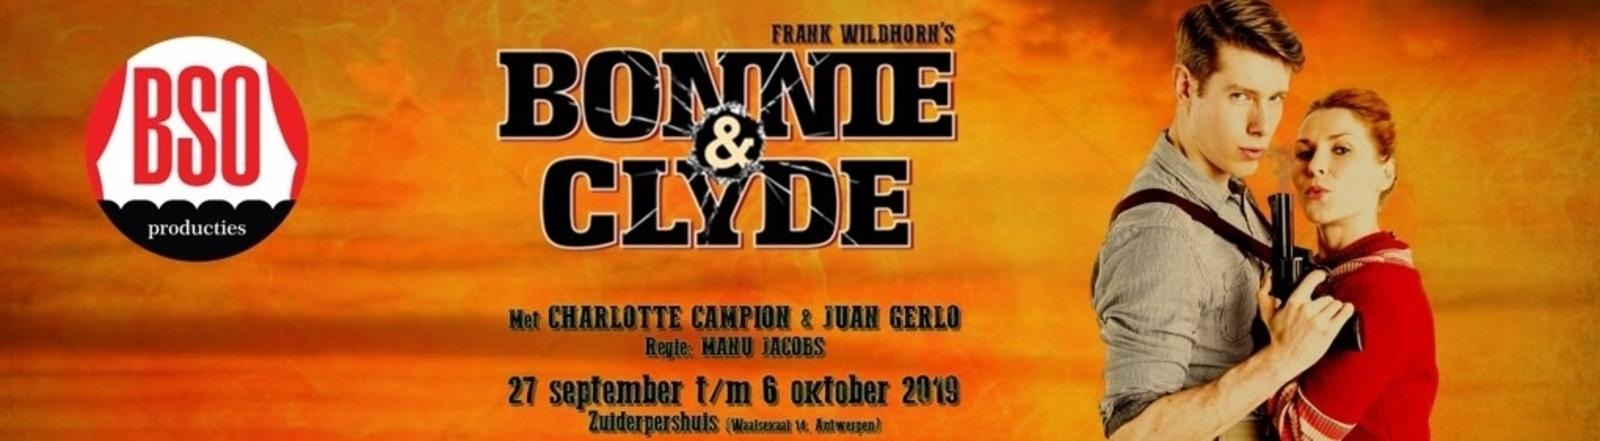 MUSICAL : BONNIE & CLYDE